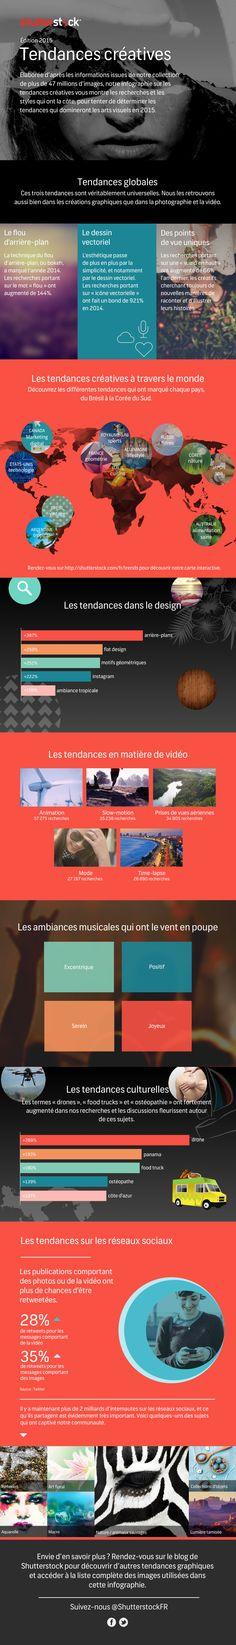 Les tendances créatives de 2015 en infographie | Agence web 1min30, Inbound marketing et communication digitale 360°